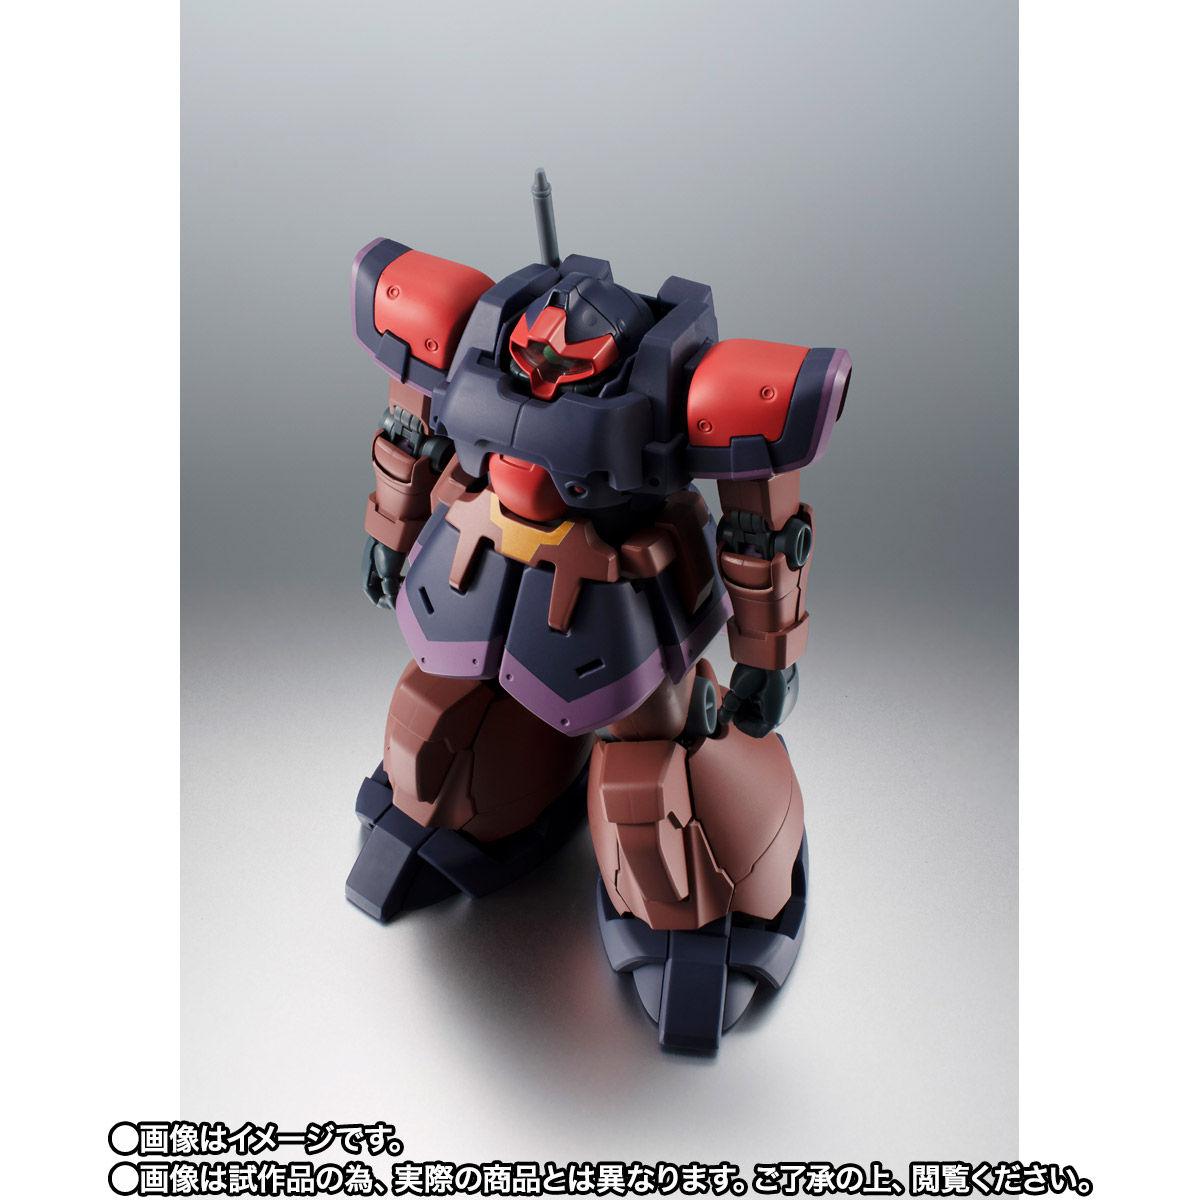 【限定販売】ROBOT魂〈SIDE MS〉『YMS-09R-2 プロトタイプ・リック・ドムII ver. A.N.I.M.E.』ガンダム0083 可動フィギュア-002